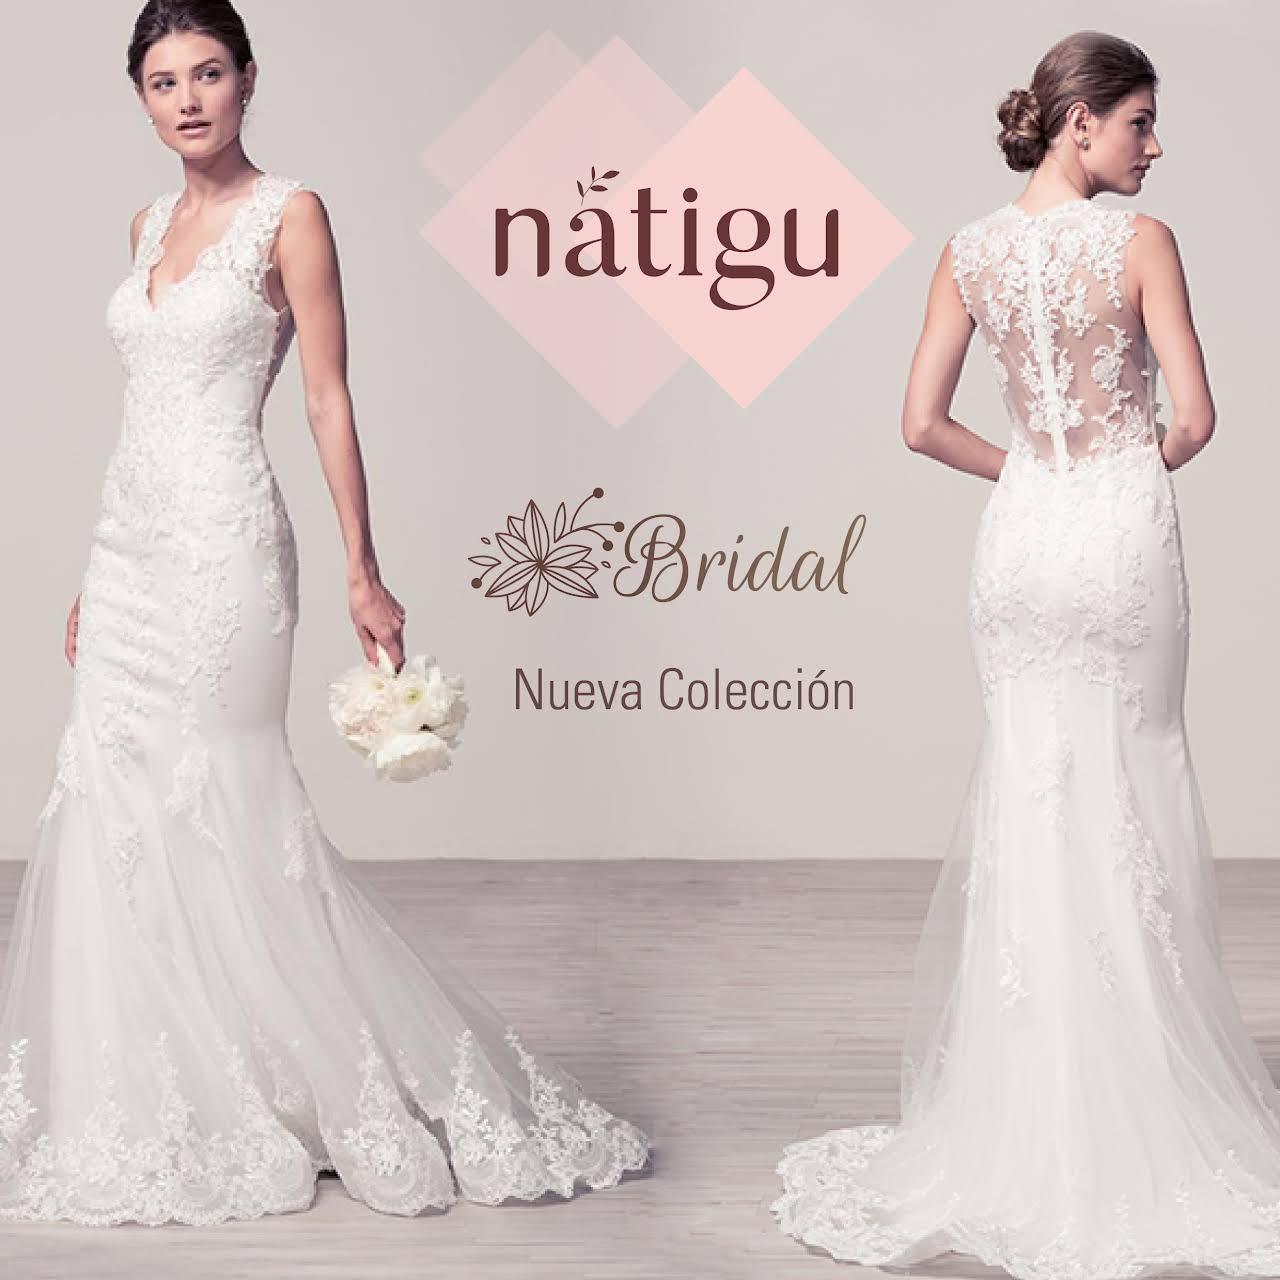 4b514509e Nátigu - Venta y Alquiler de Vestidos - Venta y Alquiler de Vestidos ...